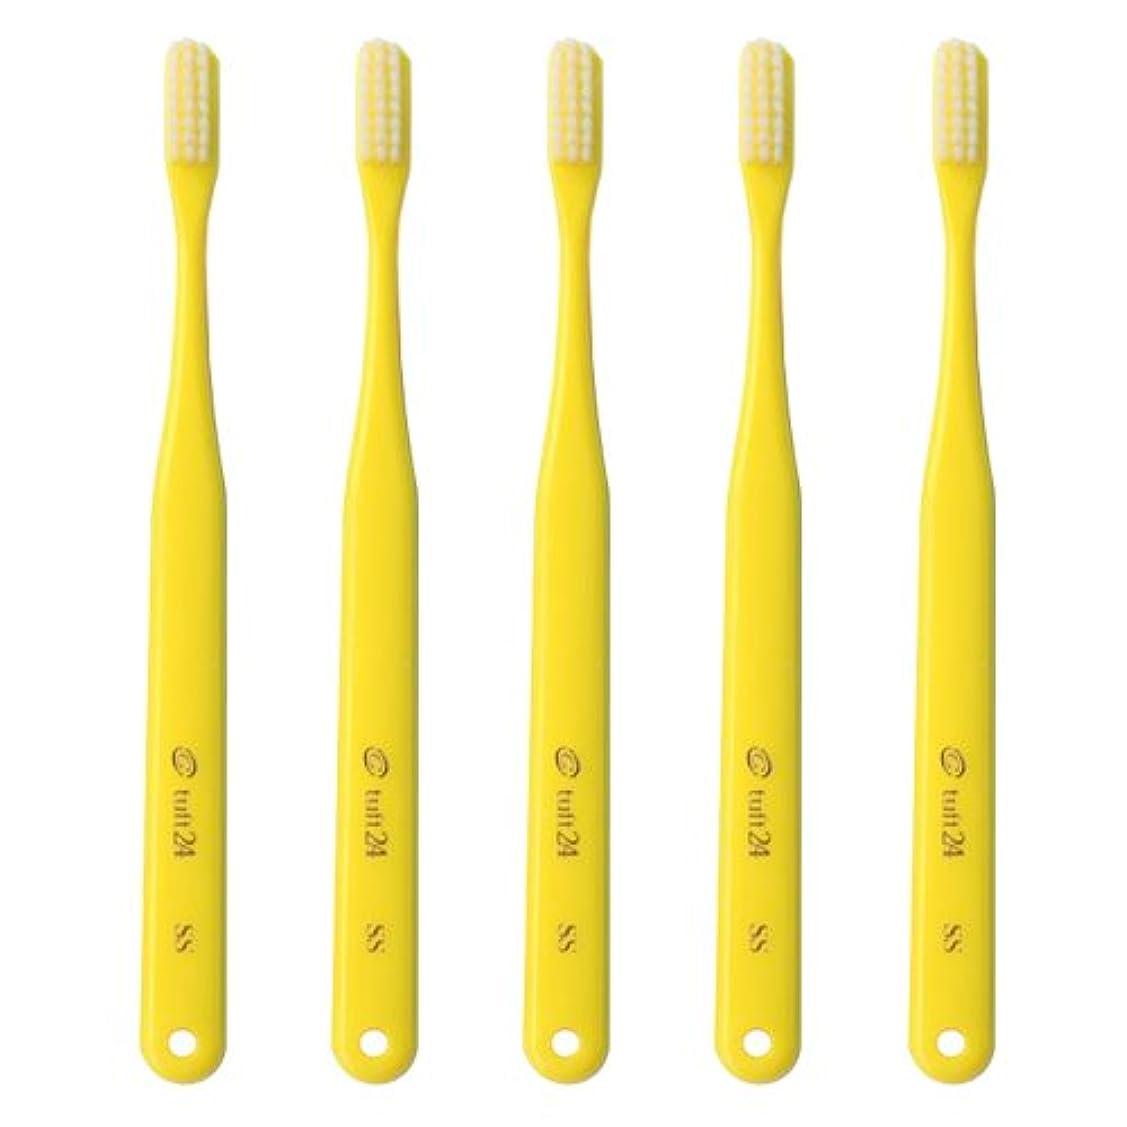 練習一貫性のないおっとタフト24 歯ブラシ 10本セット SS キャップなし (イエロー)